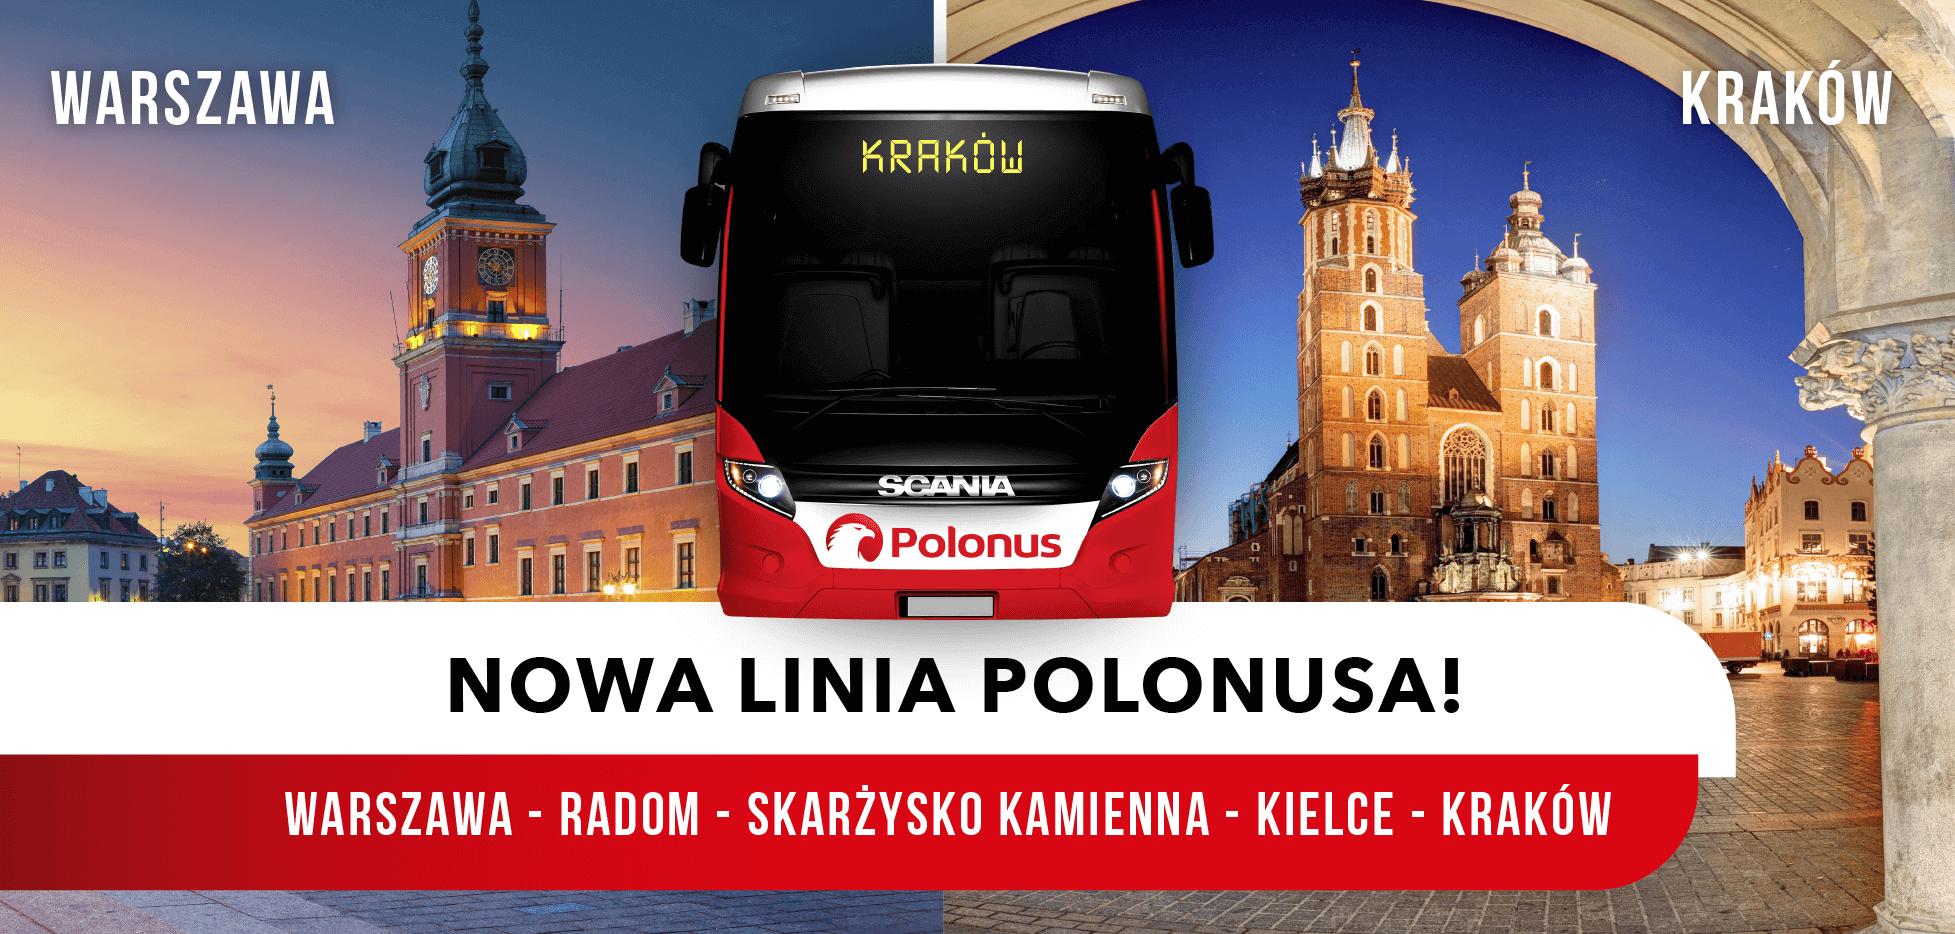 Polonus_Warszawa-Kraków 2